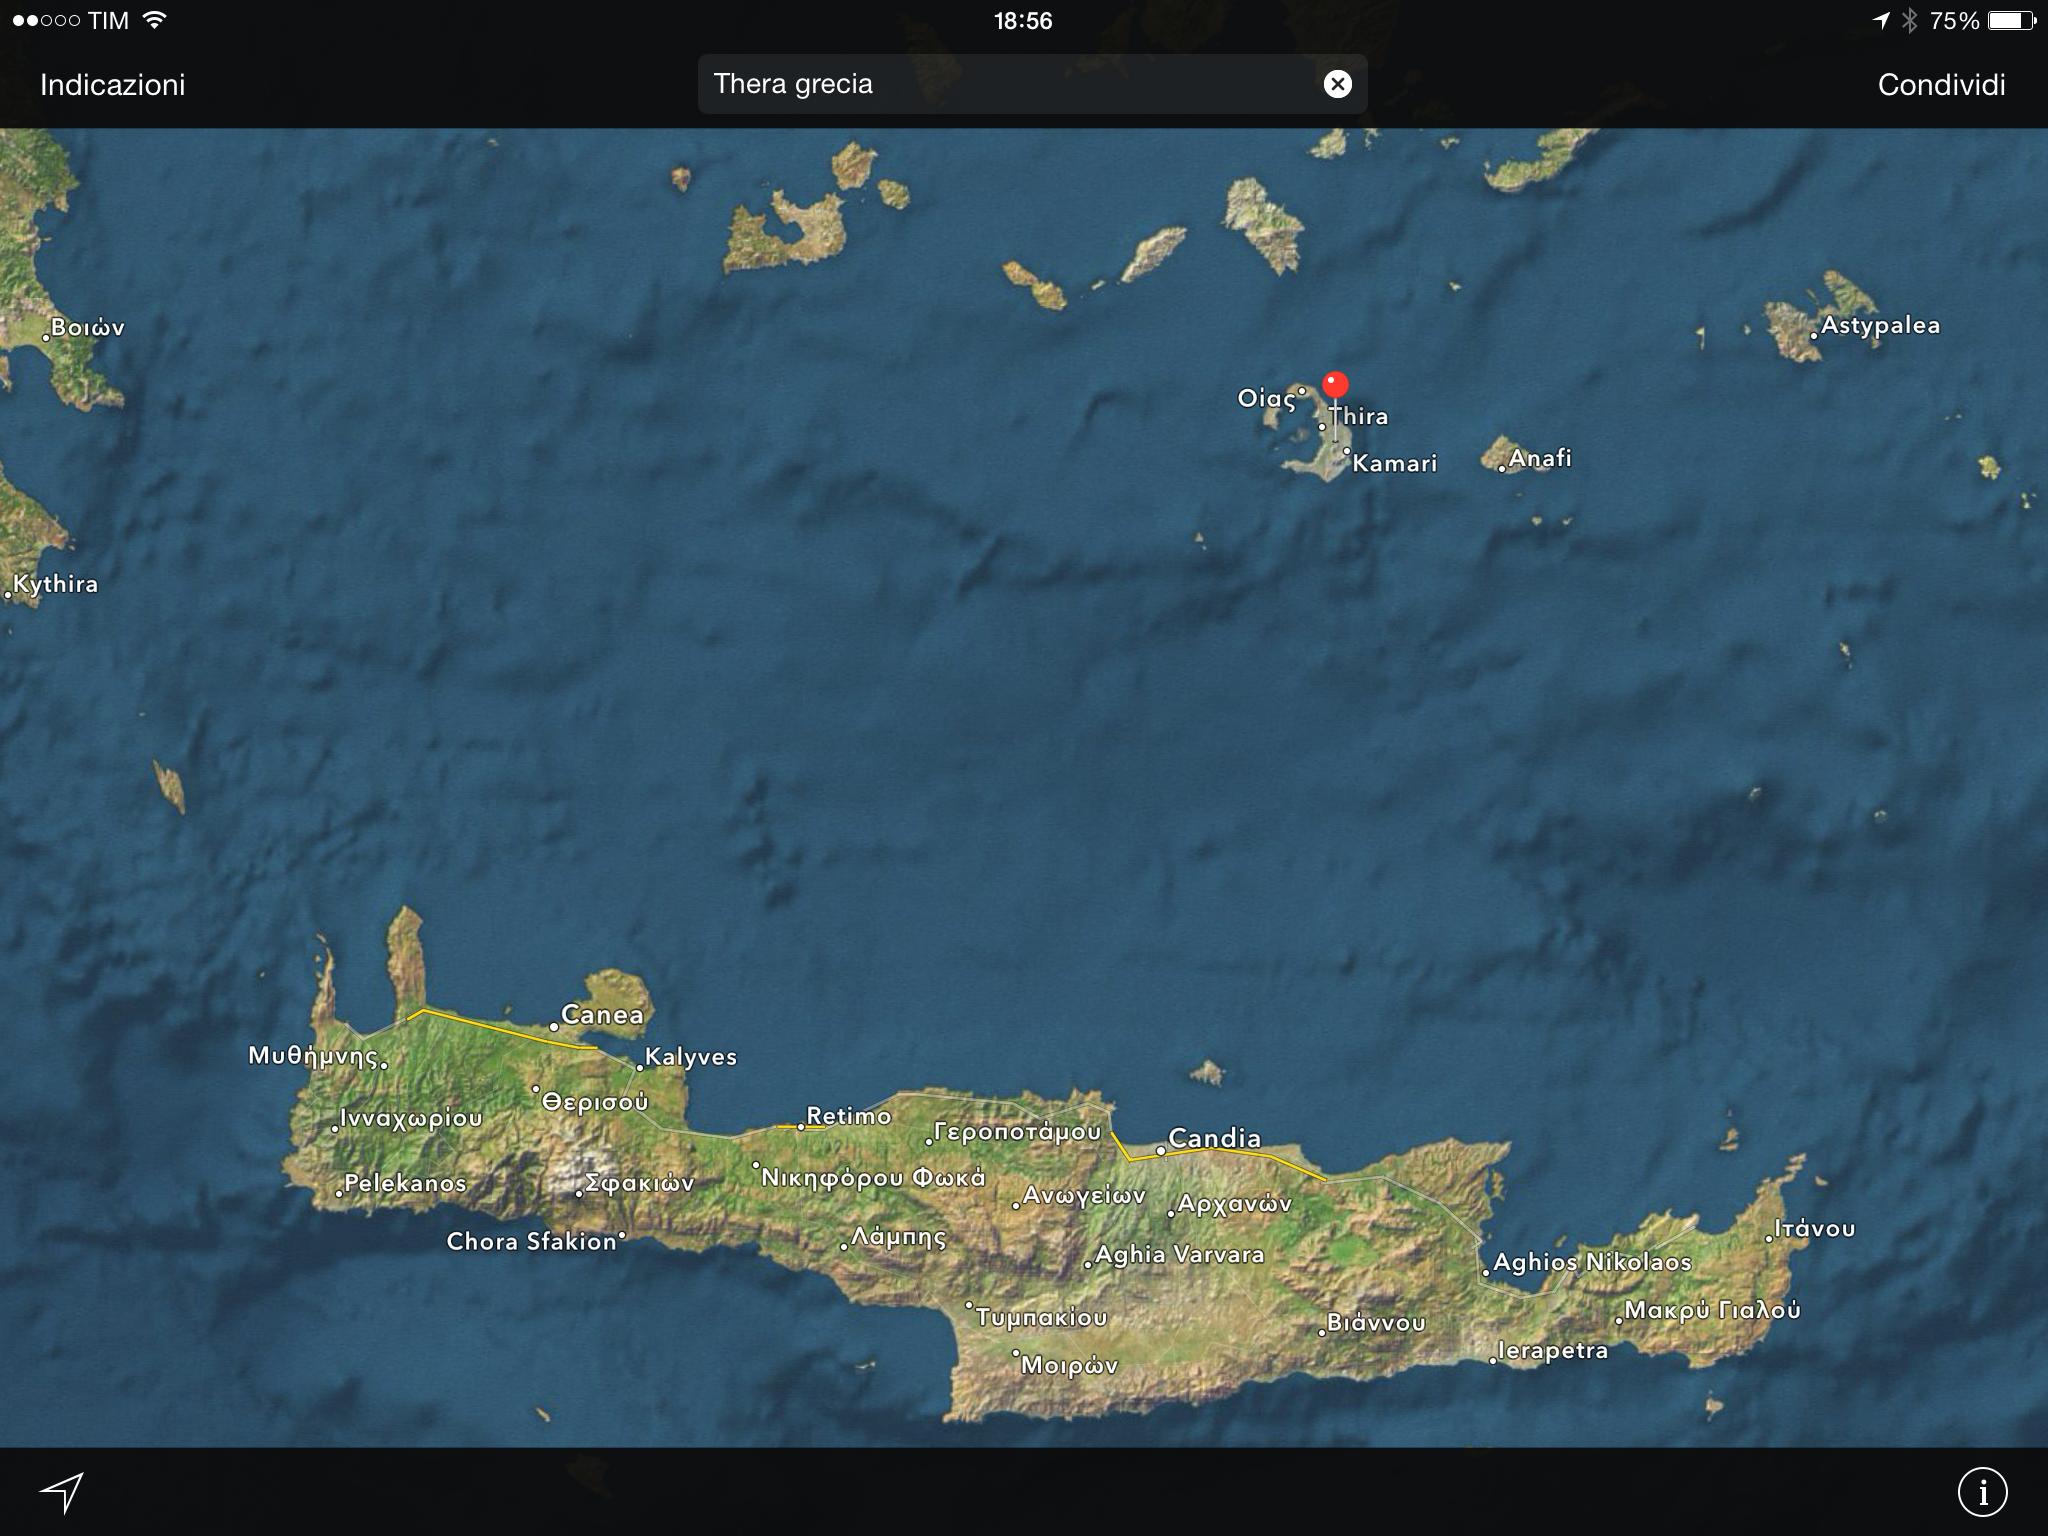 Creta - Thera: collocazioni geografiche